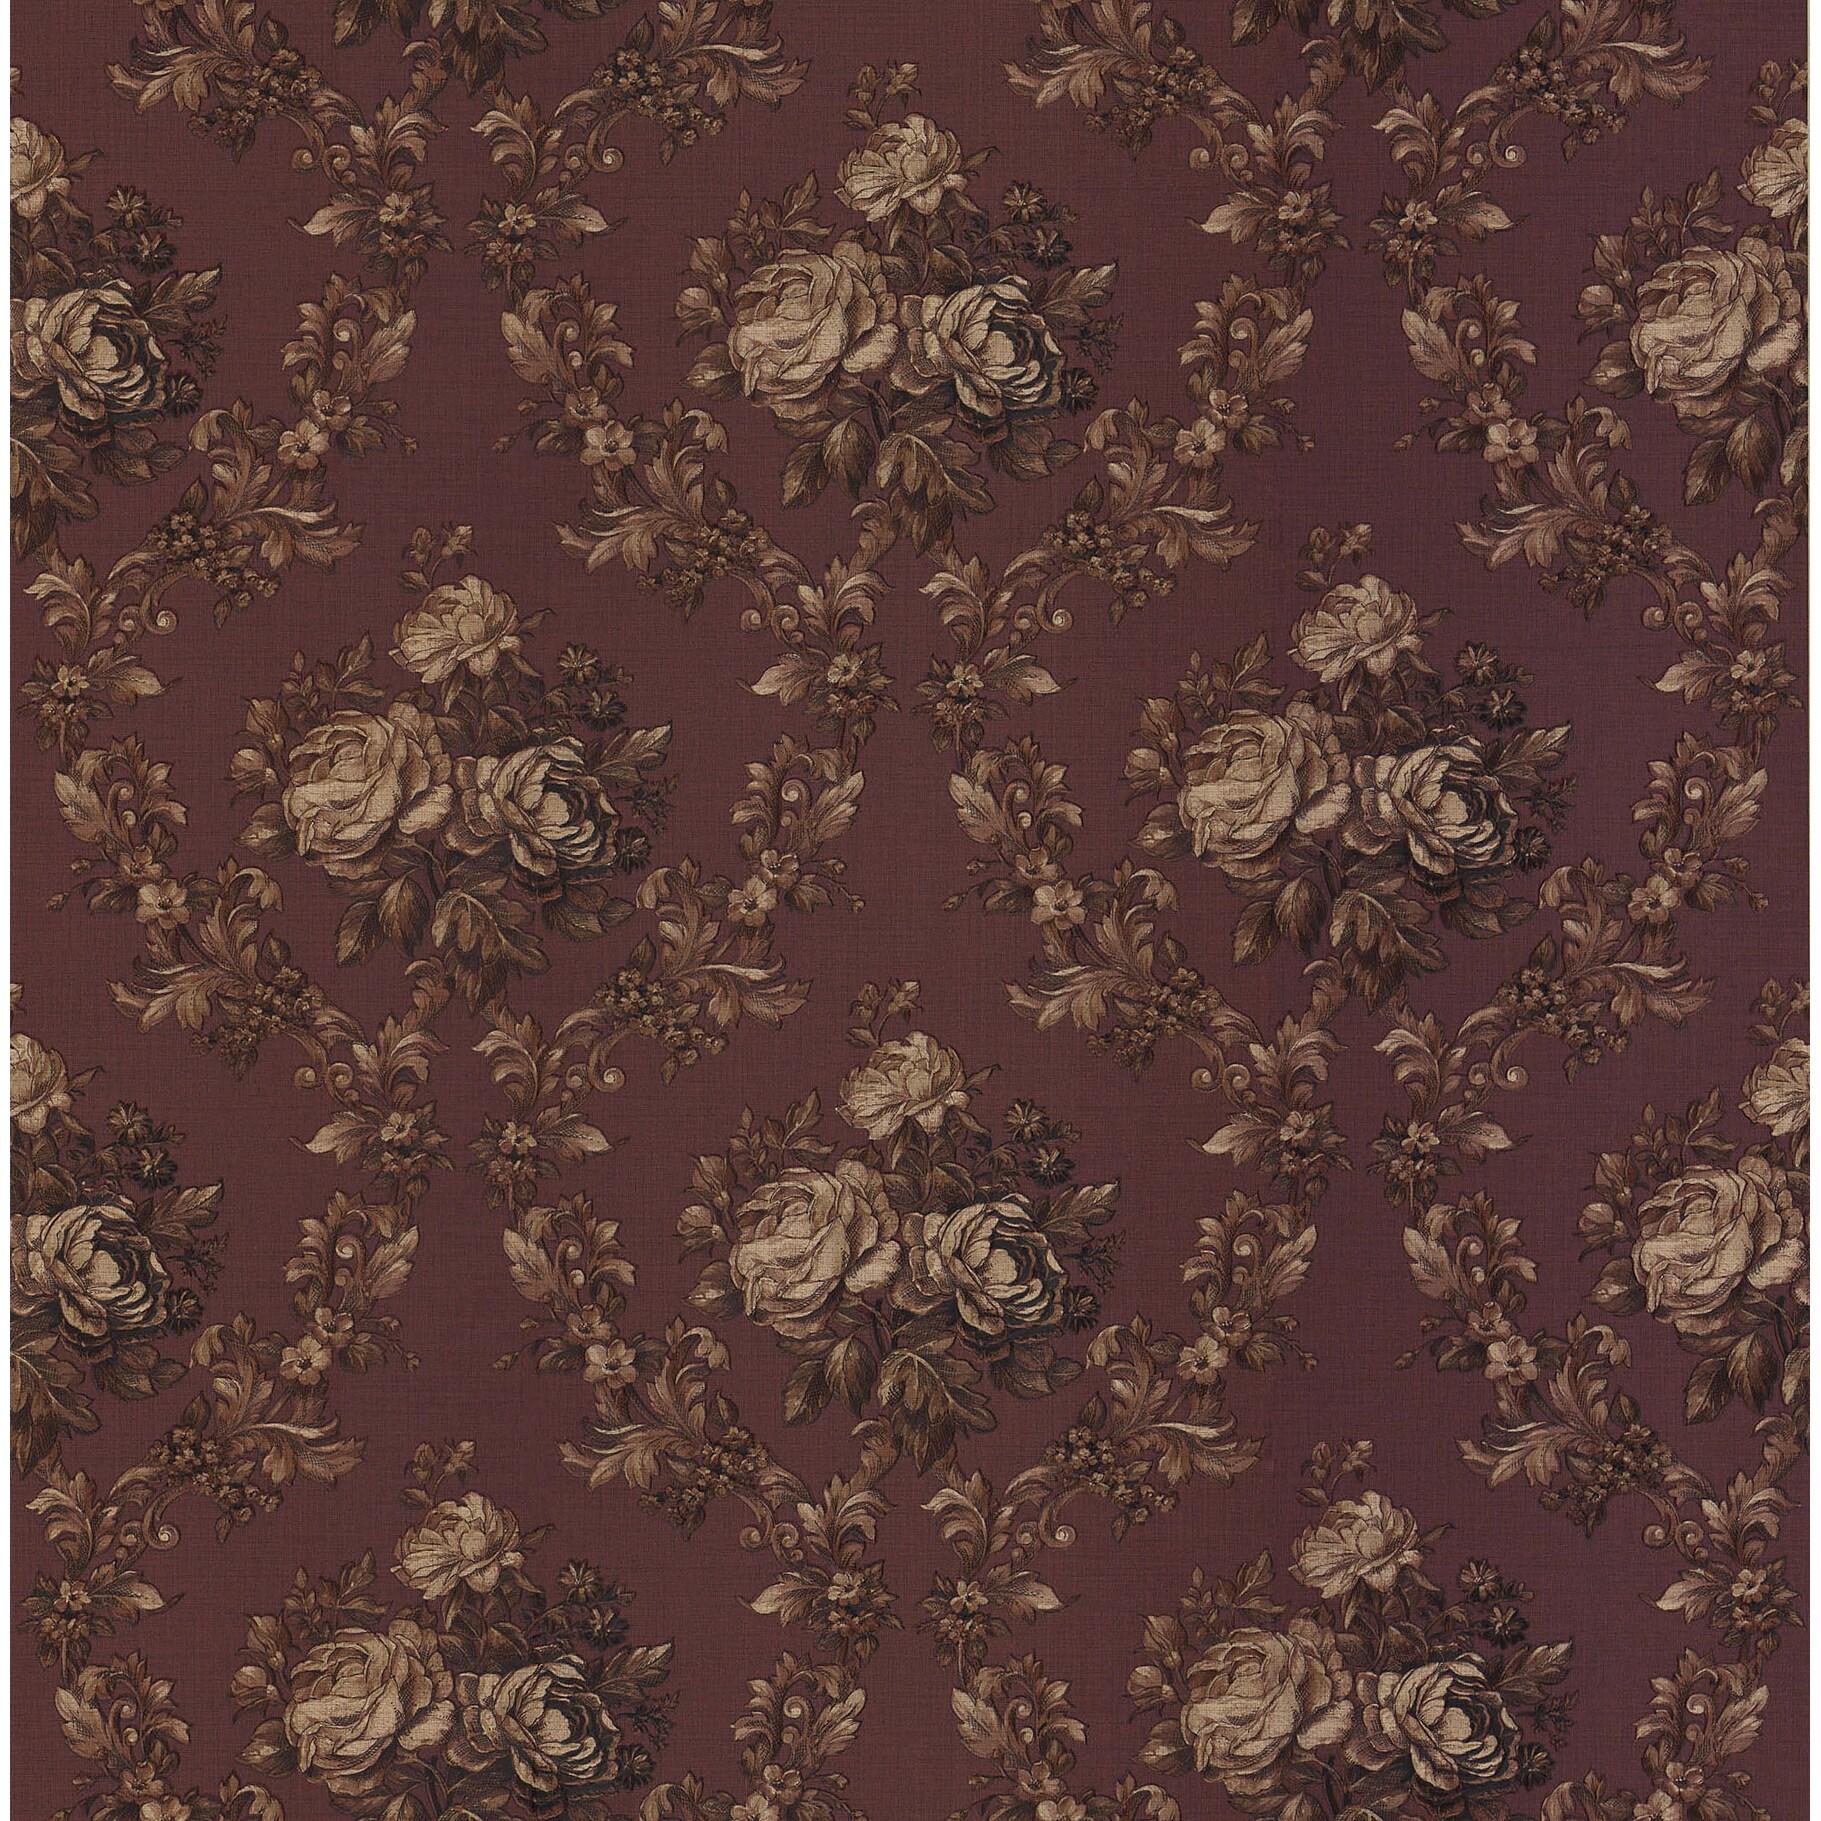 Shop Brewster Elle Dark Red Vinyl Vintage Floral Wallpaper